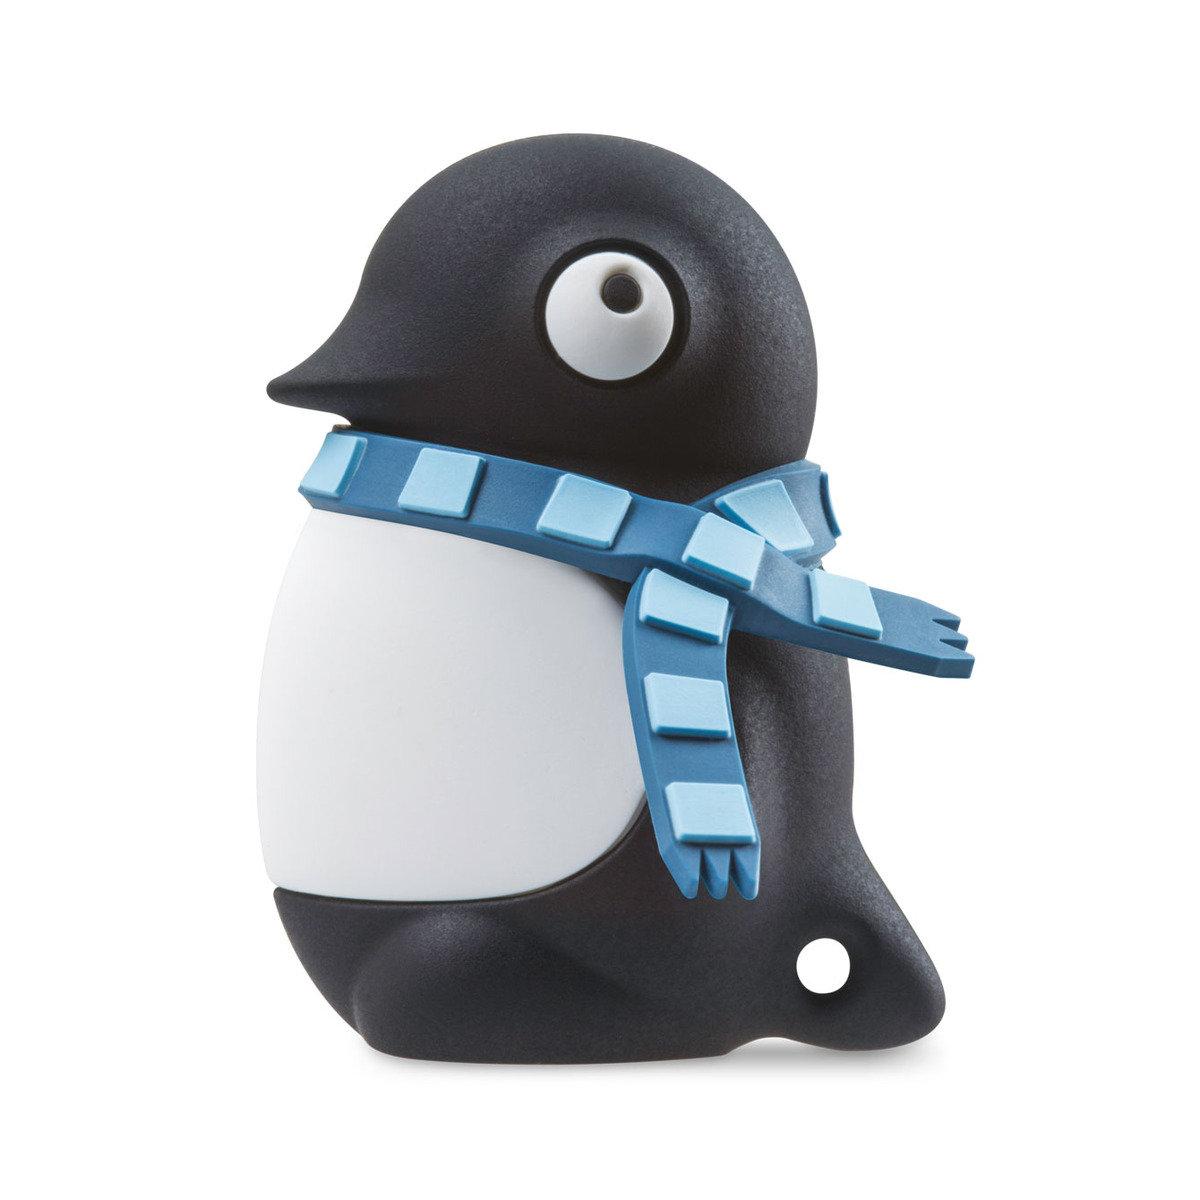 企鵝16GB 隨身碟